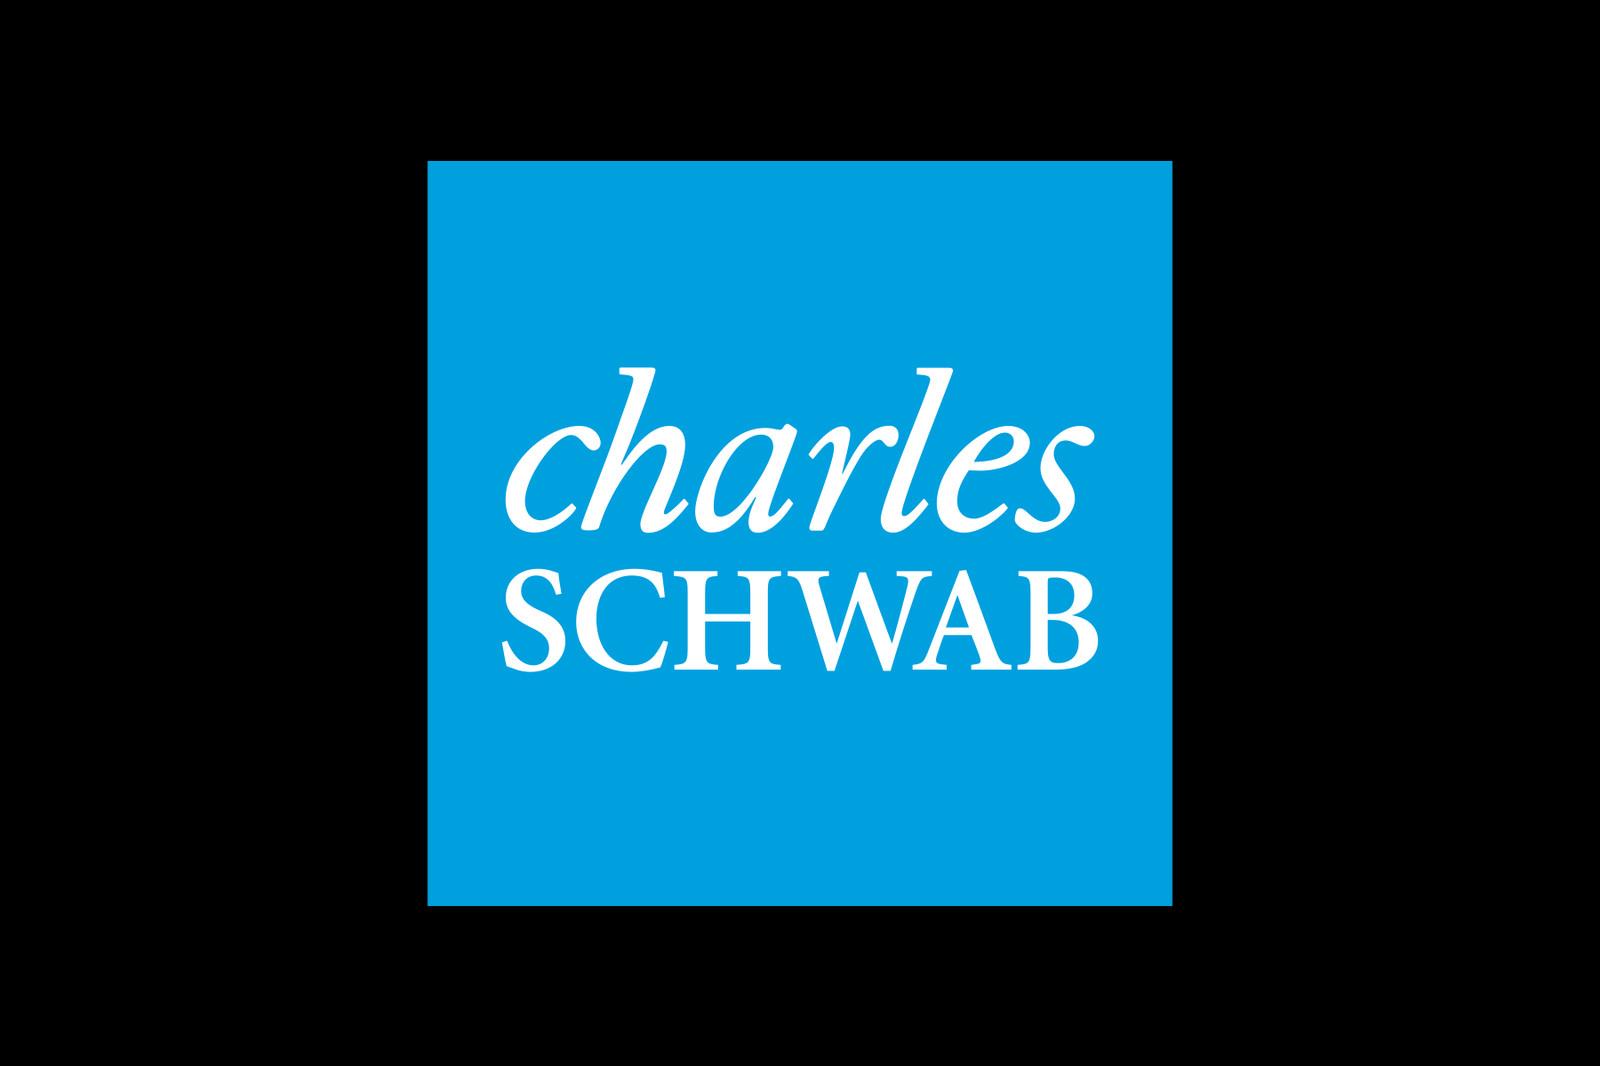 Charles Schwab.